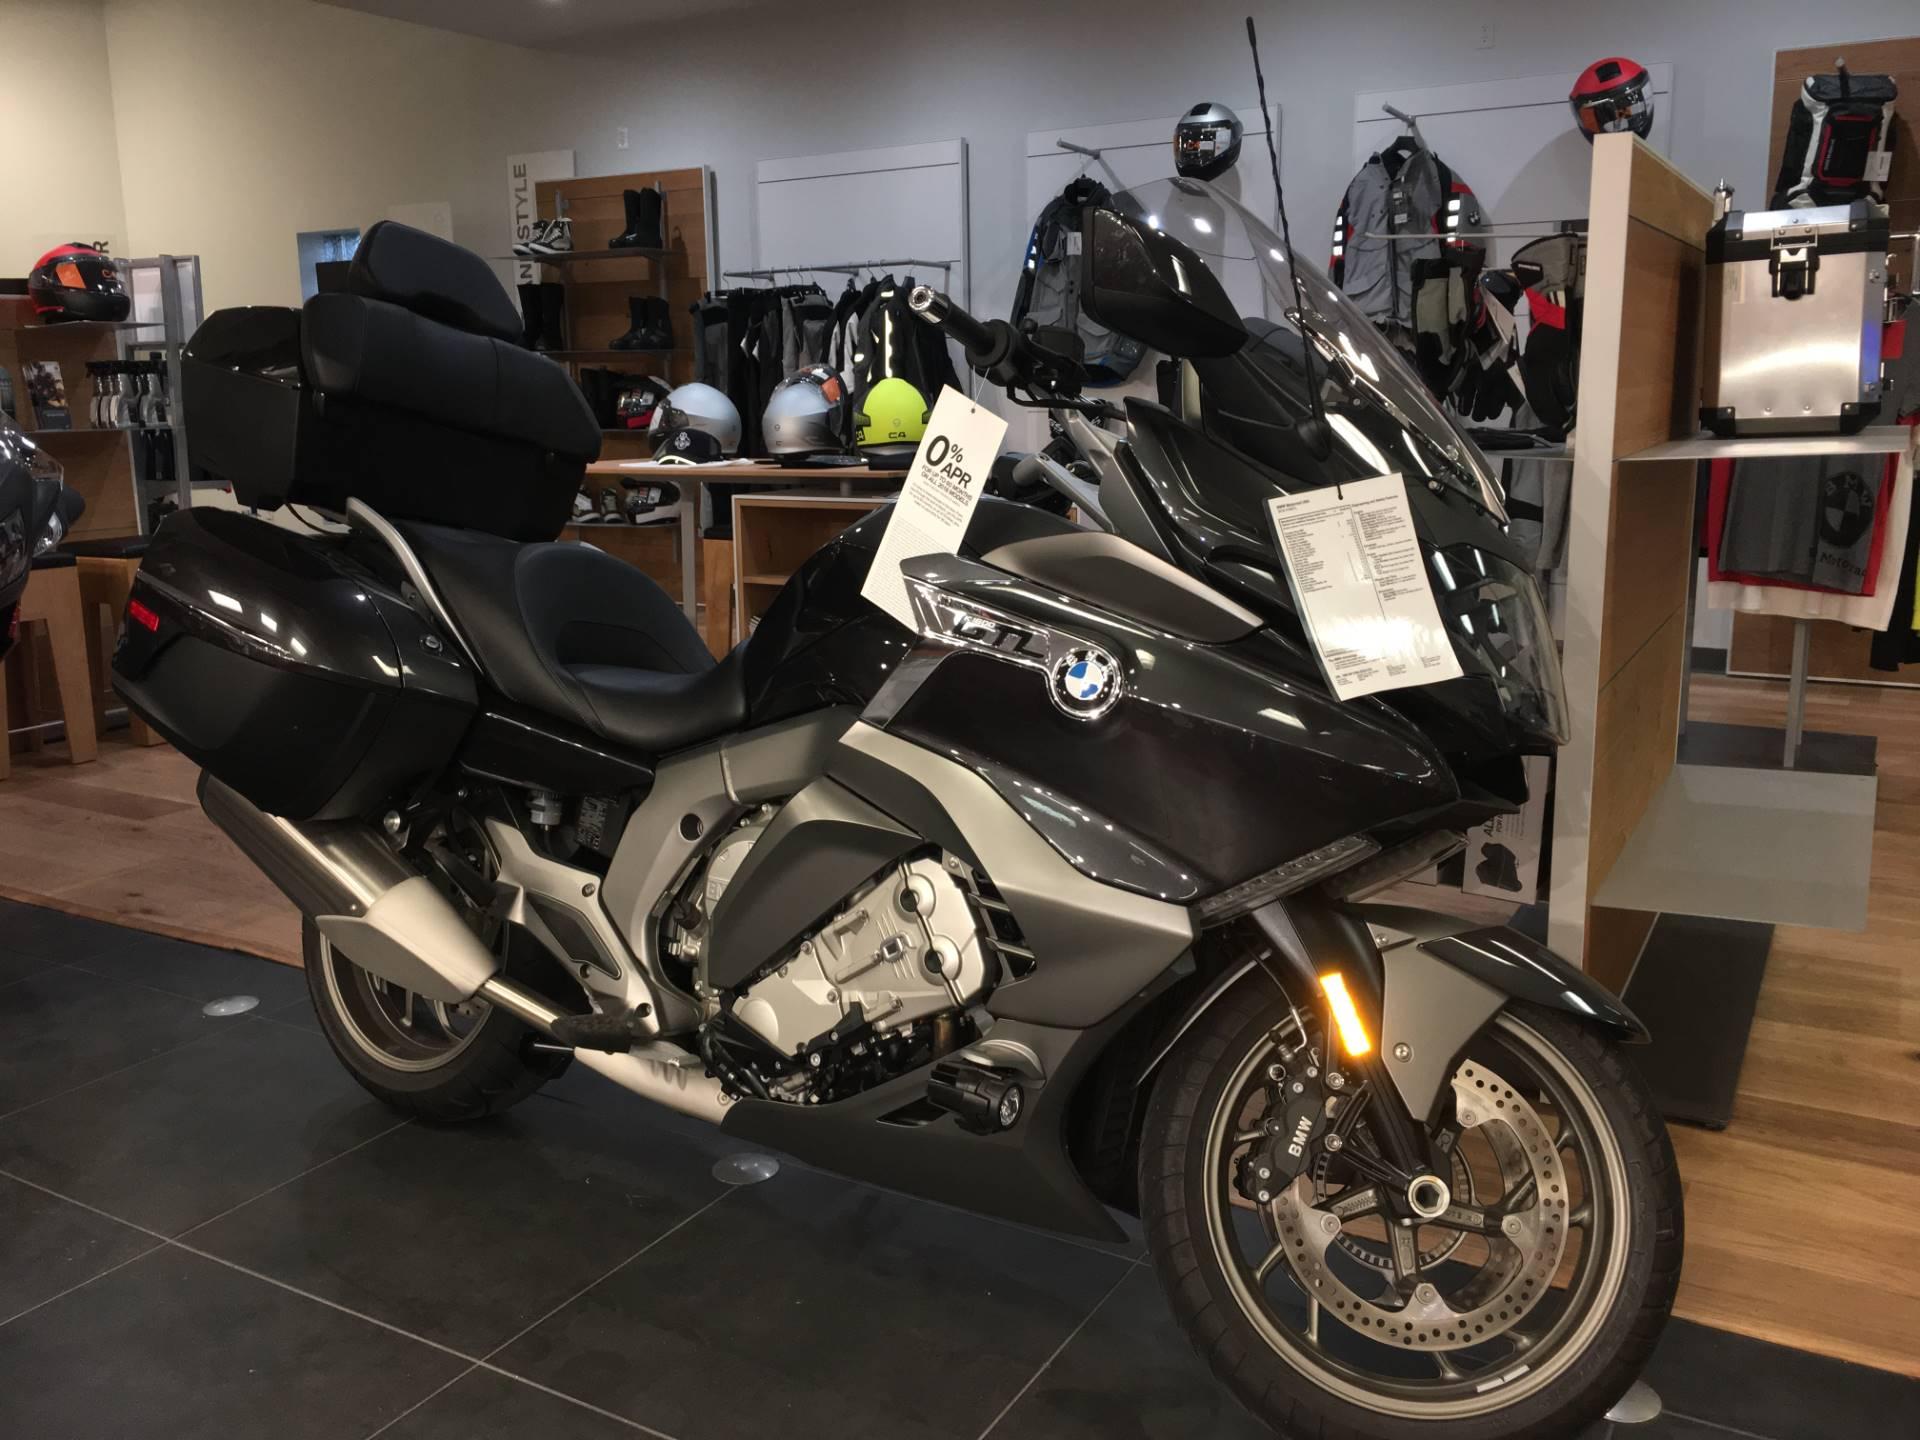 2018 BMW K 1600 GTL for sale 9229